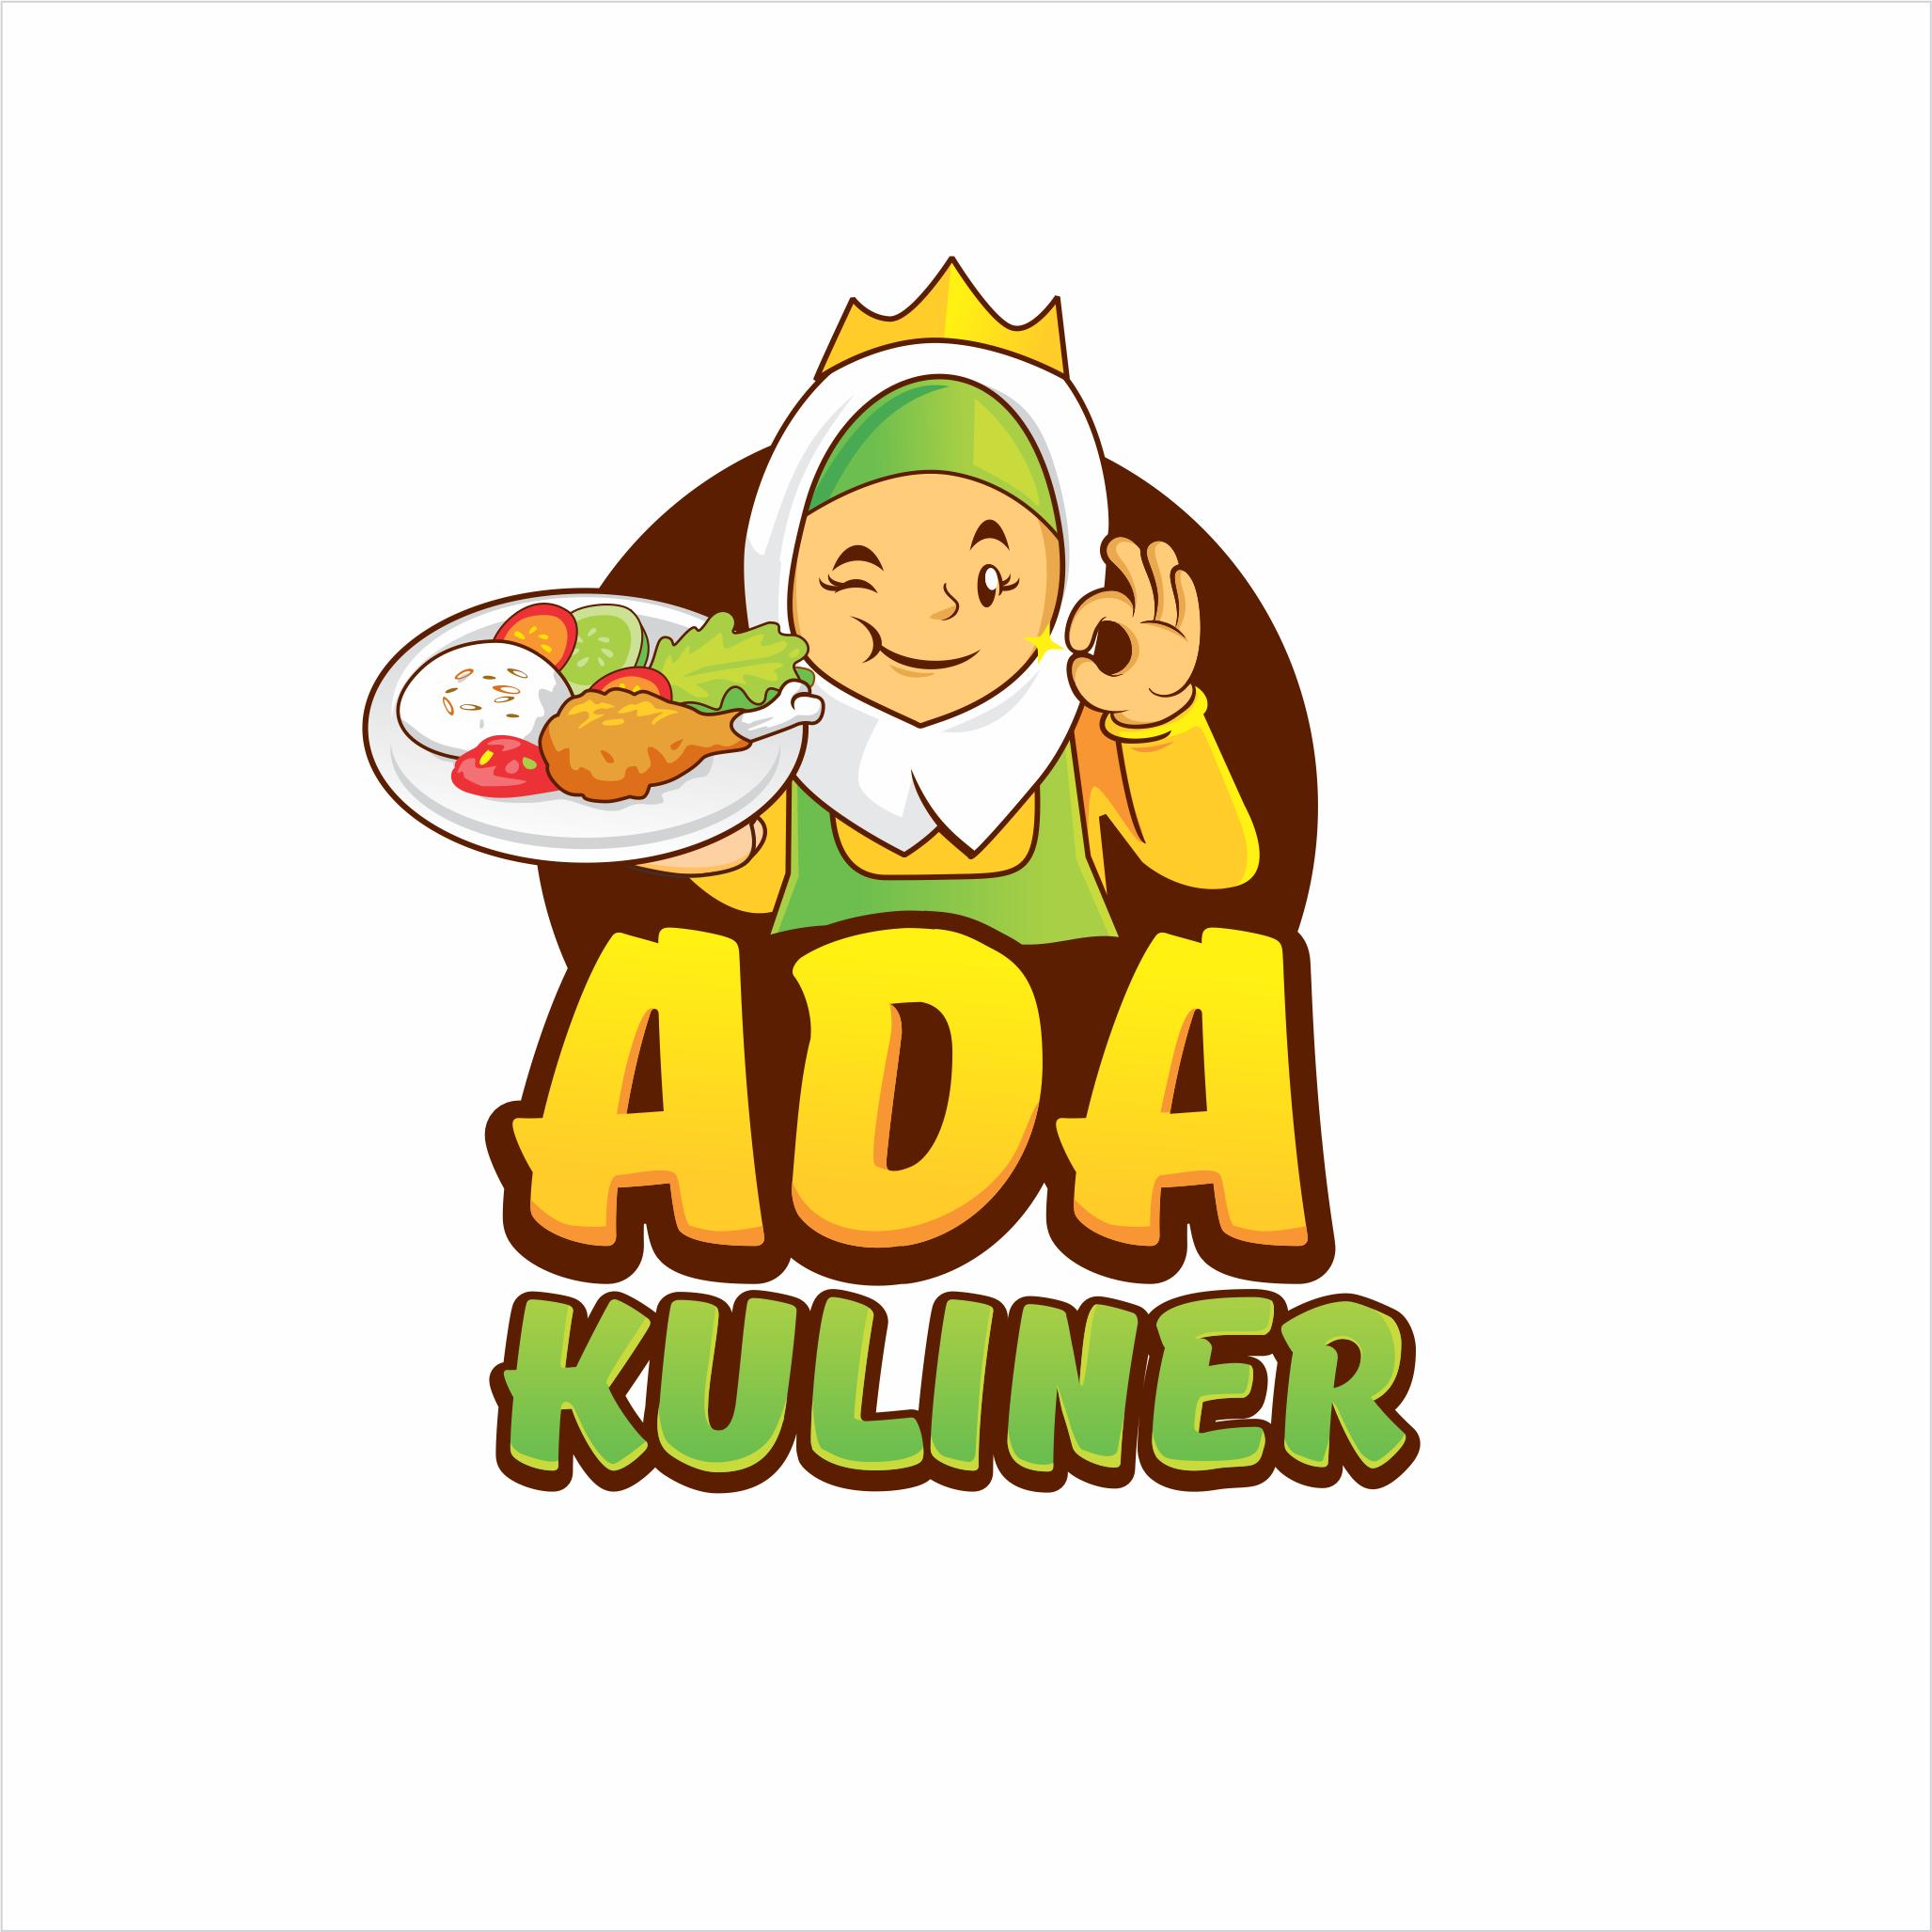 Gallery Desain Logo Untuk Ada Kuliner